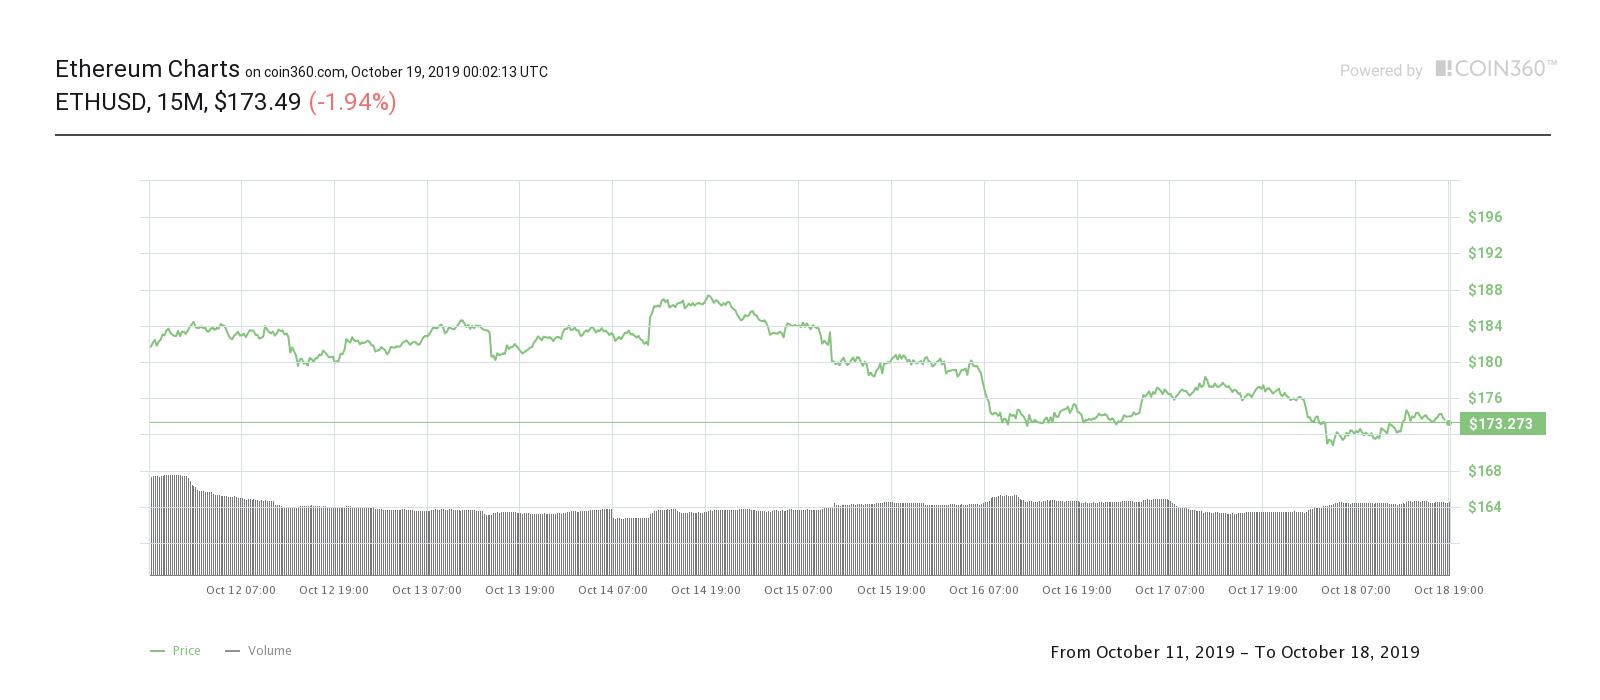 Эфир семидневный ценовой график.  Источник: Coin360